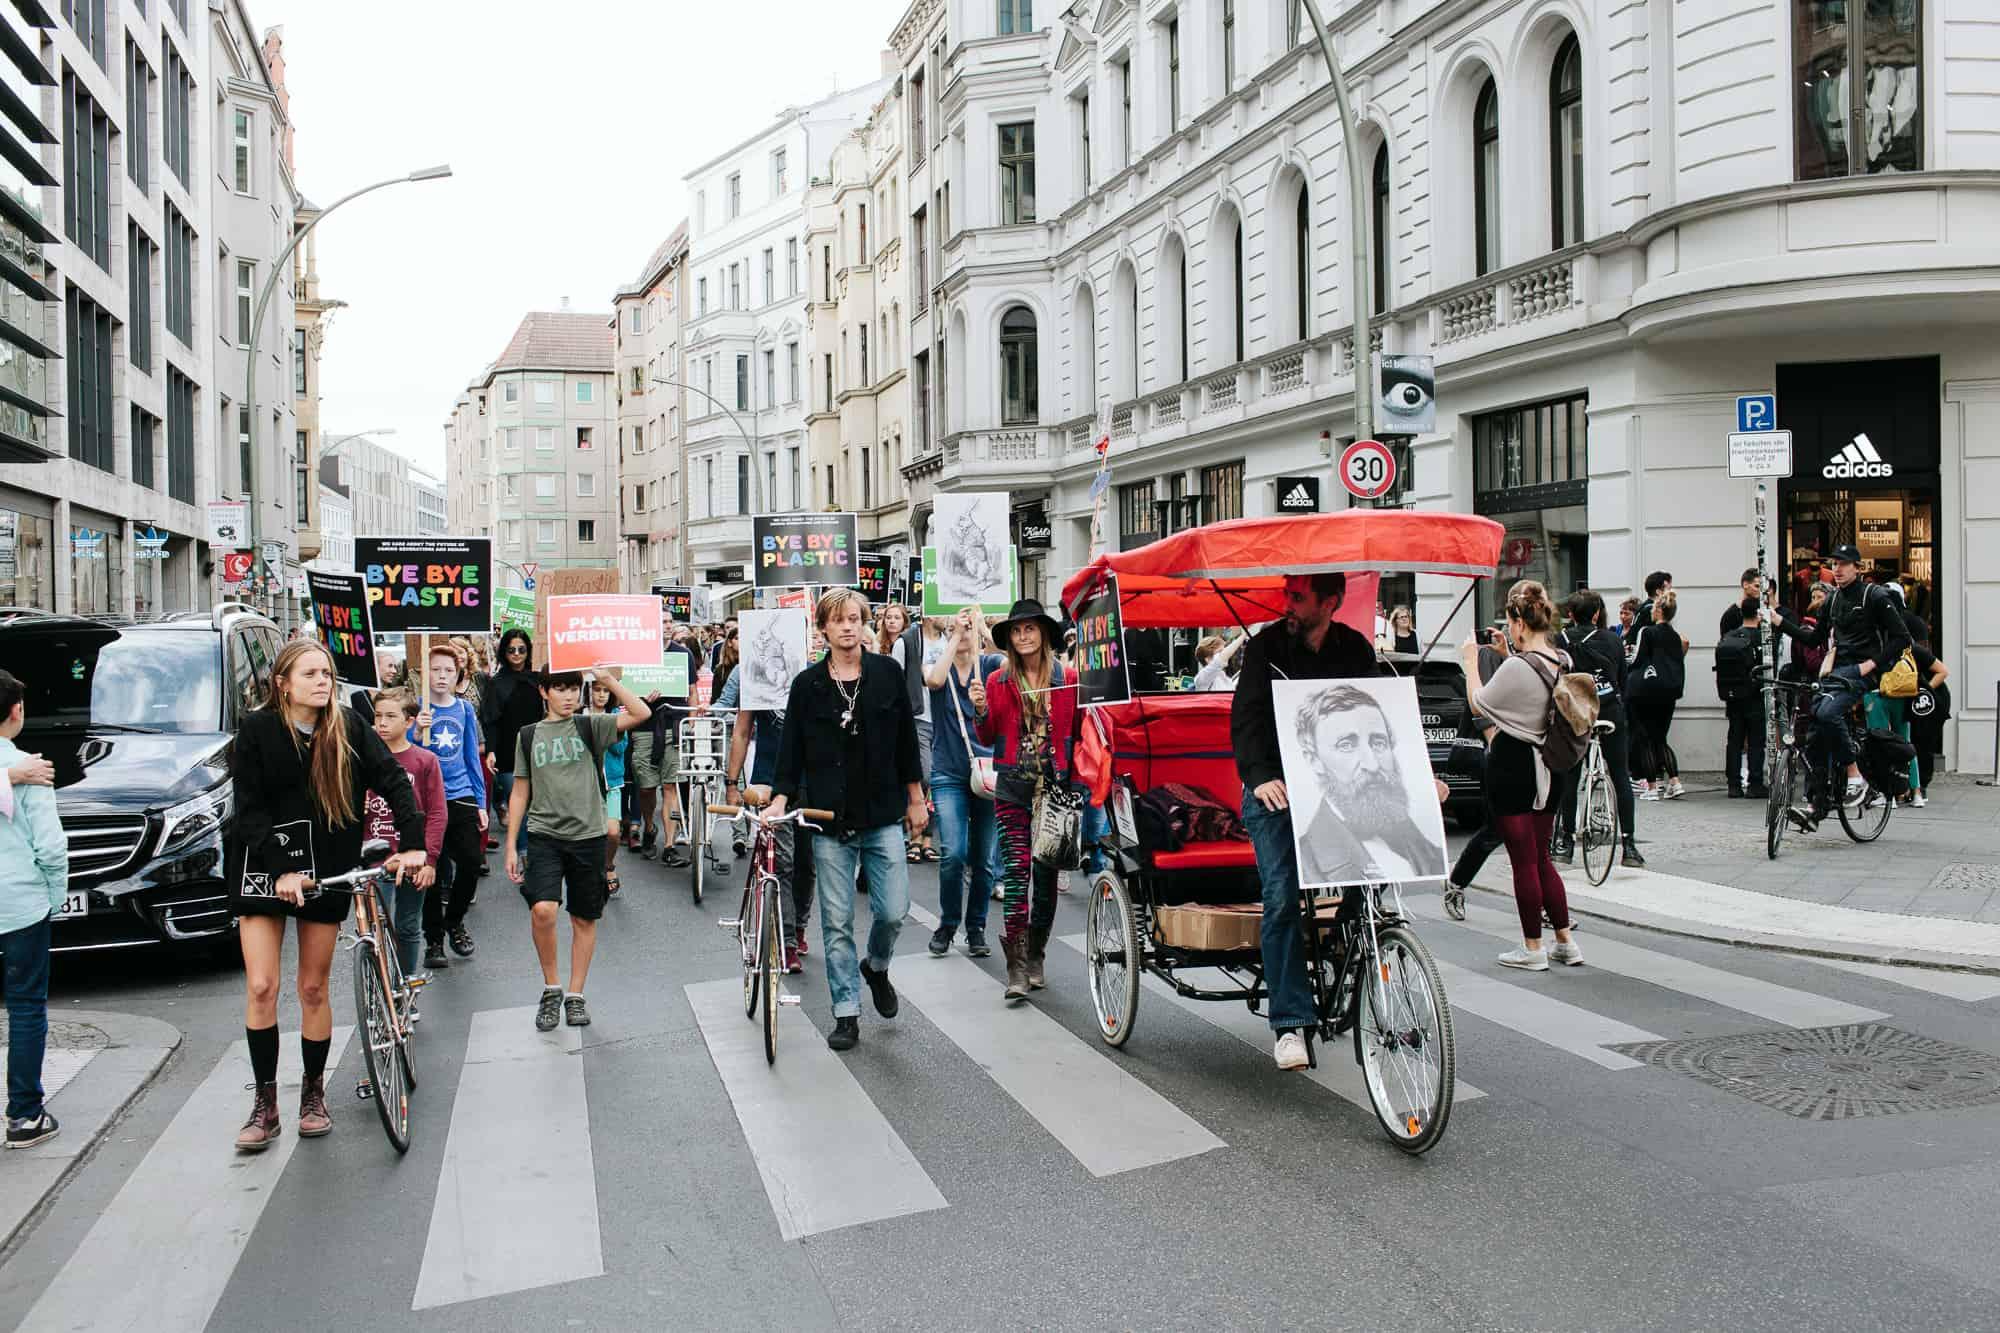 Demo gegen Plastik Berlin